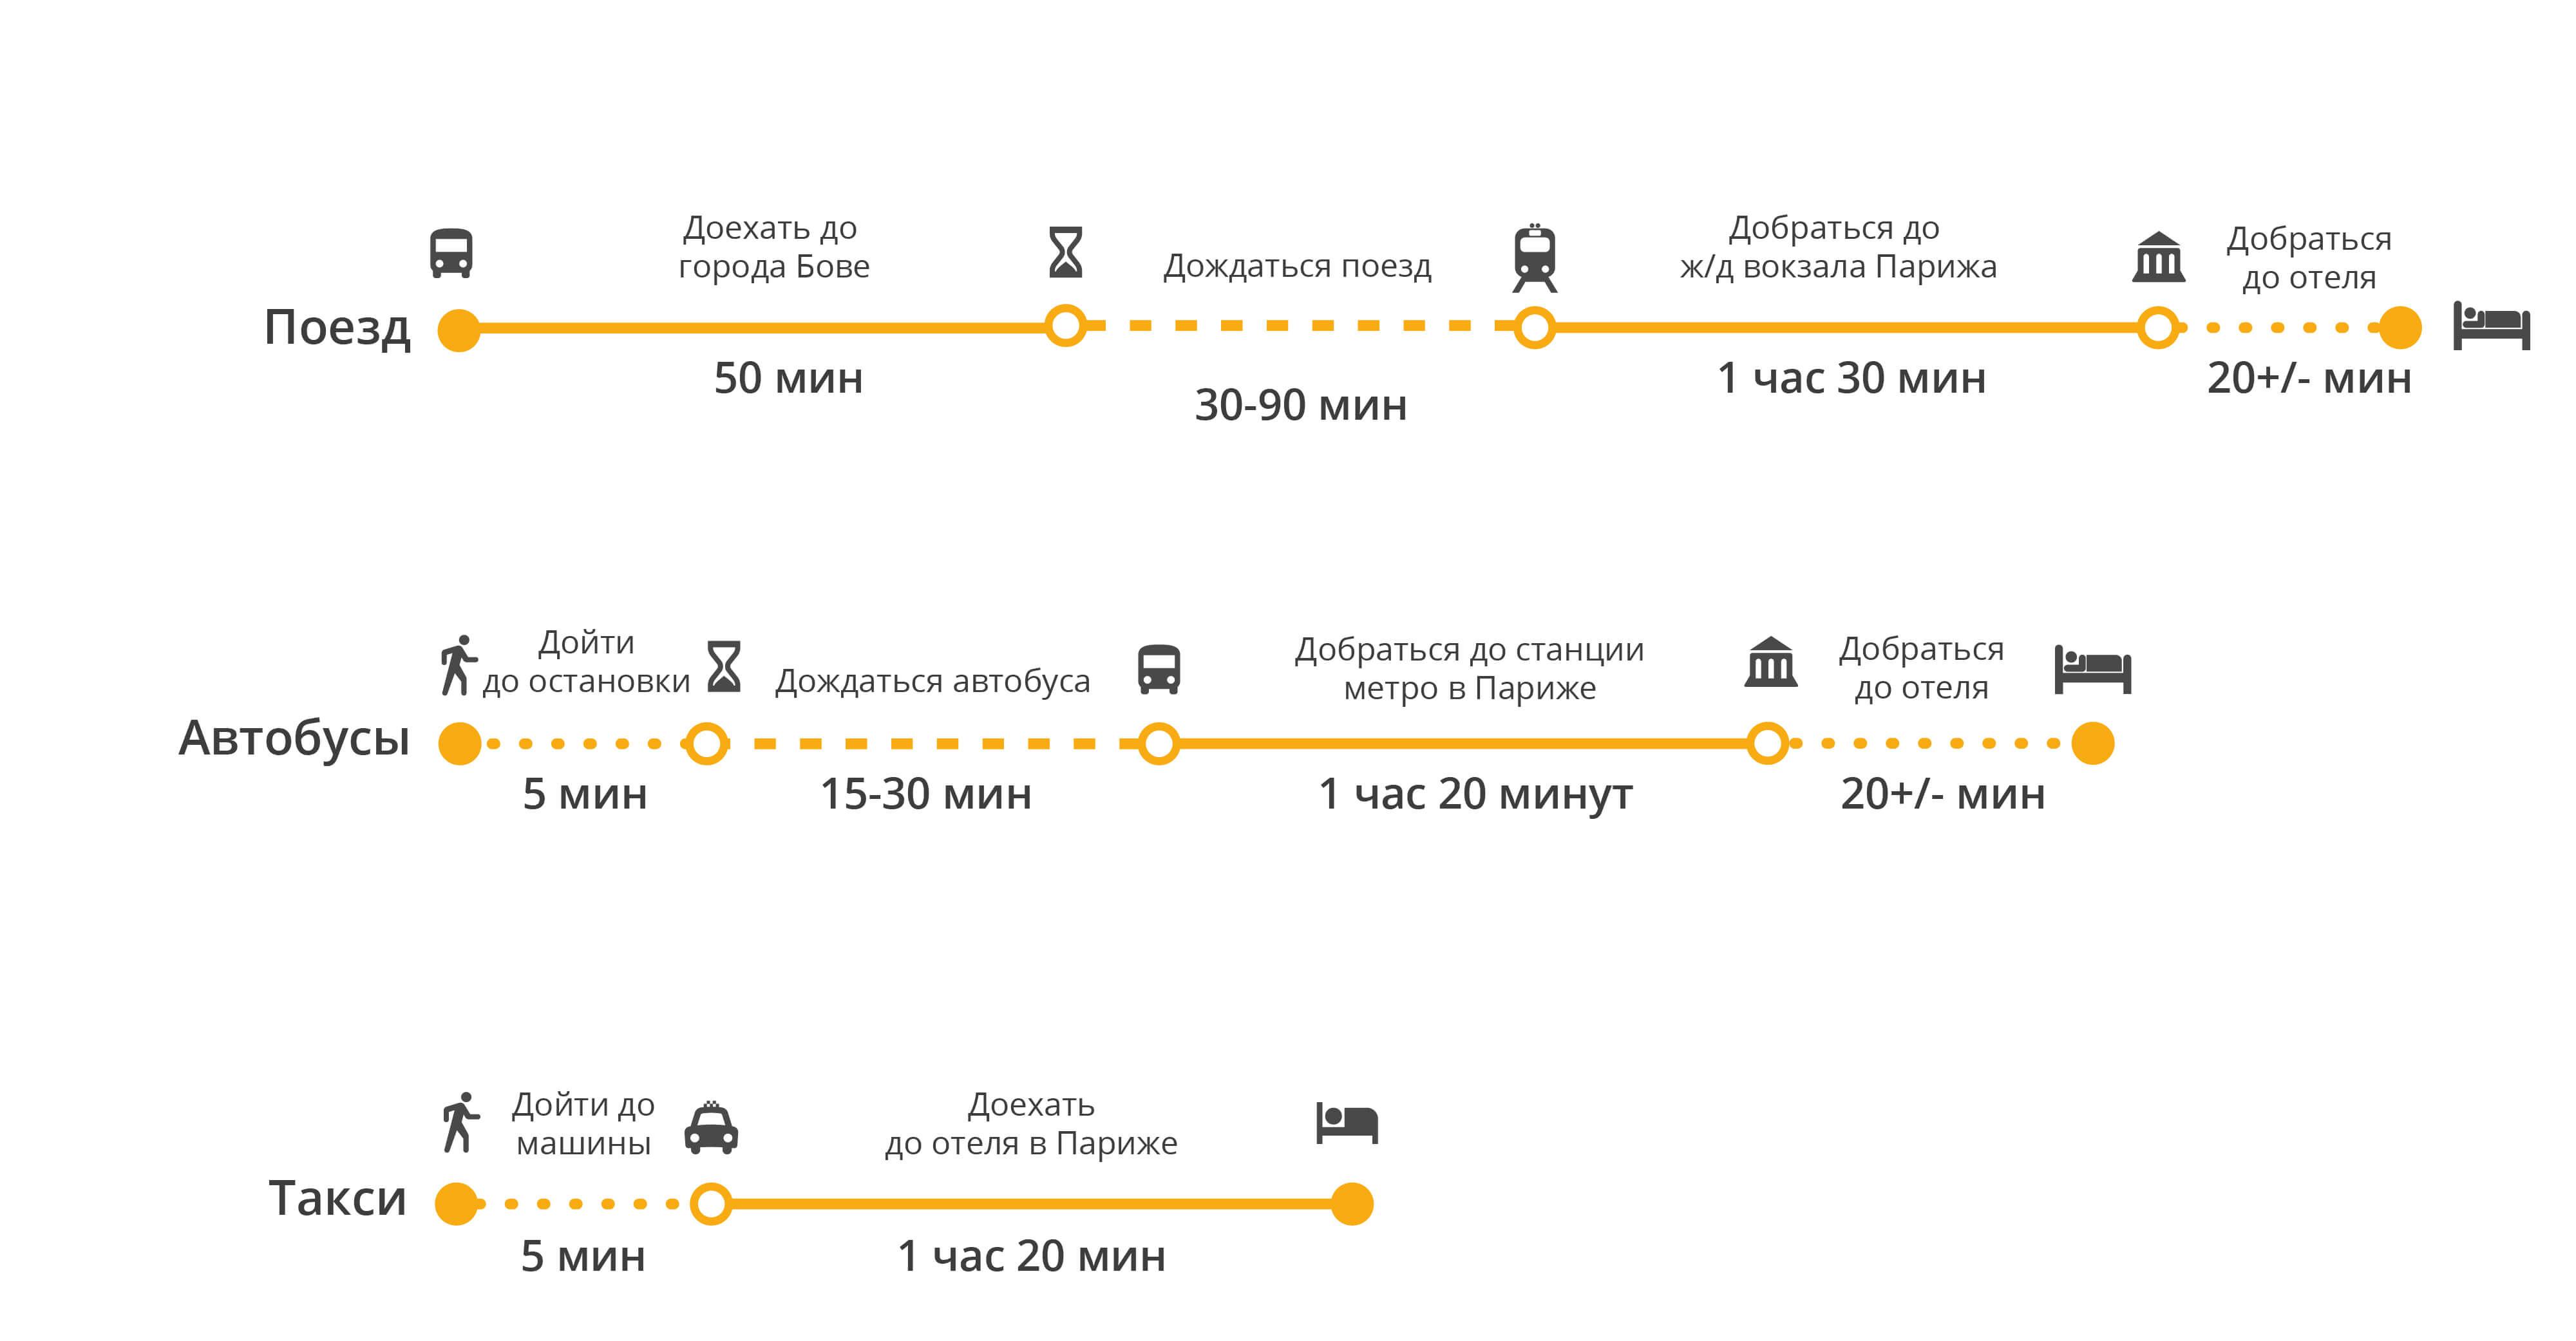 Топ 5 способов добраться из аэропорта орли в париж